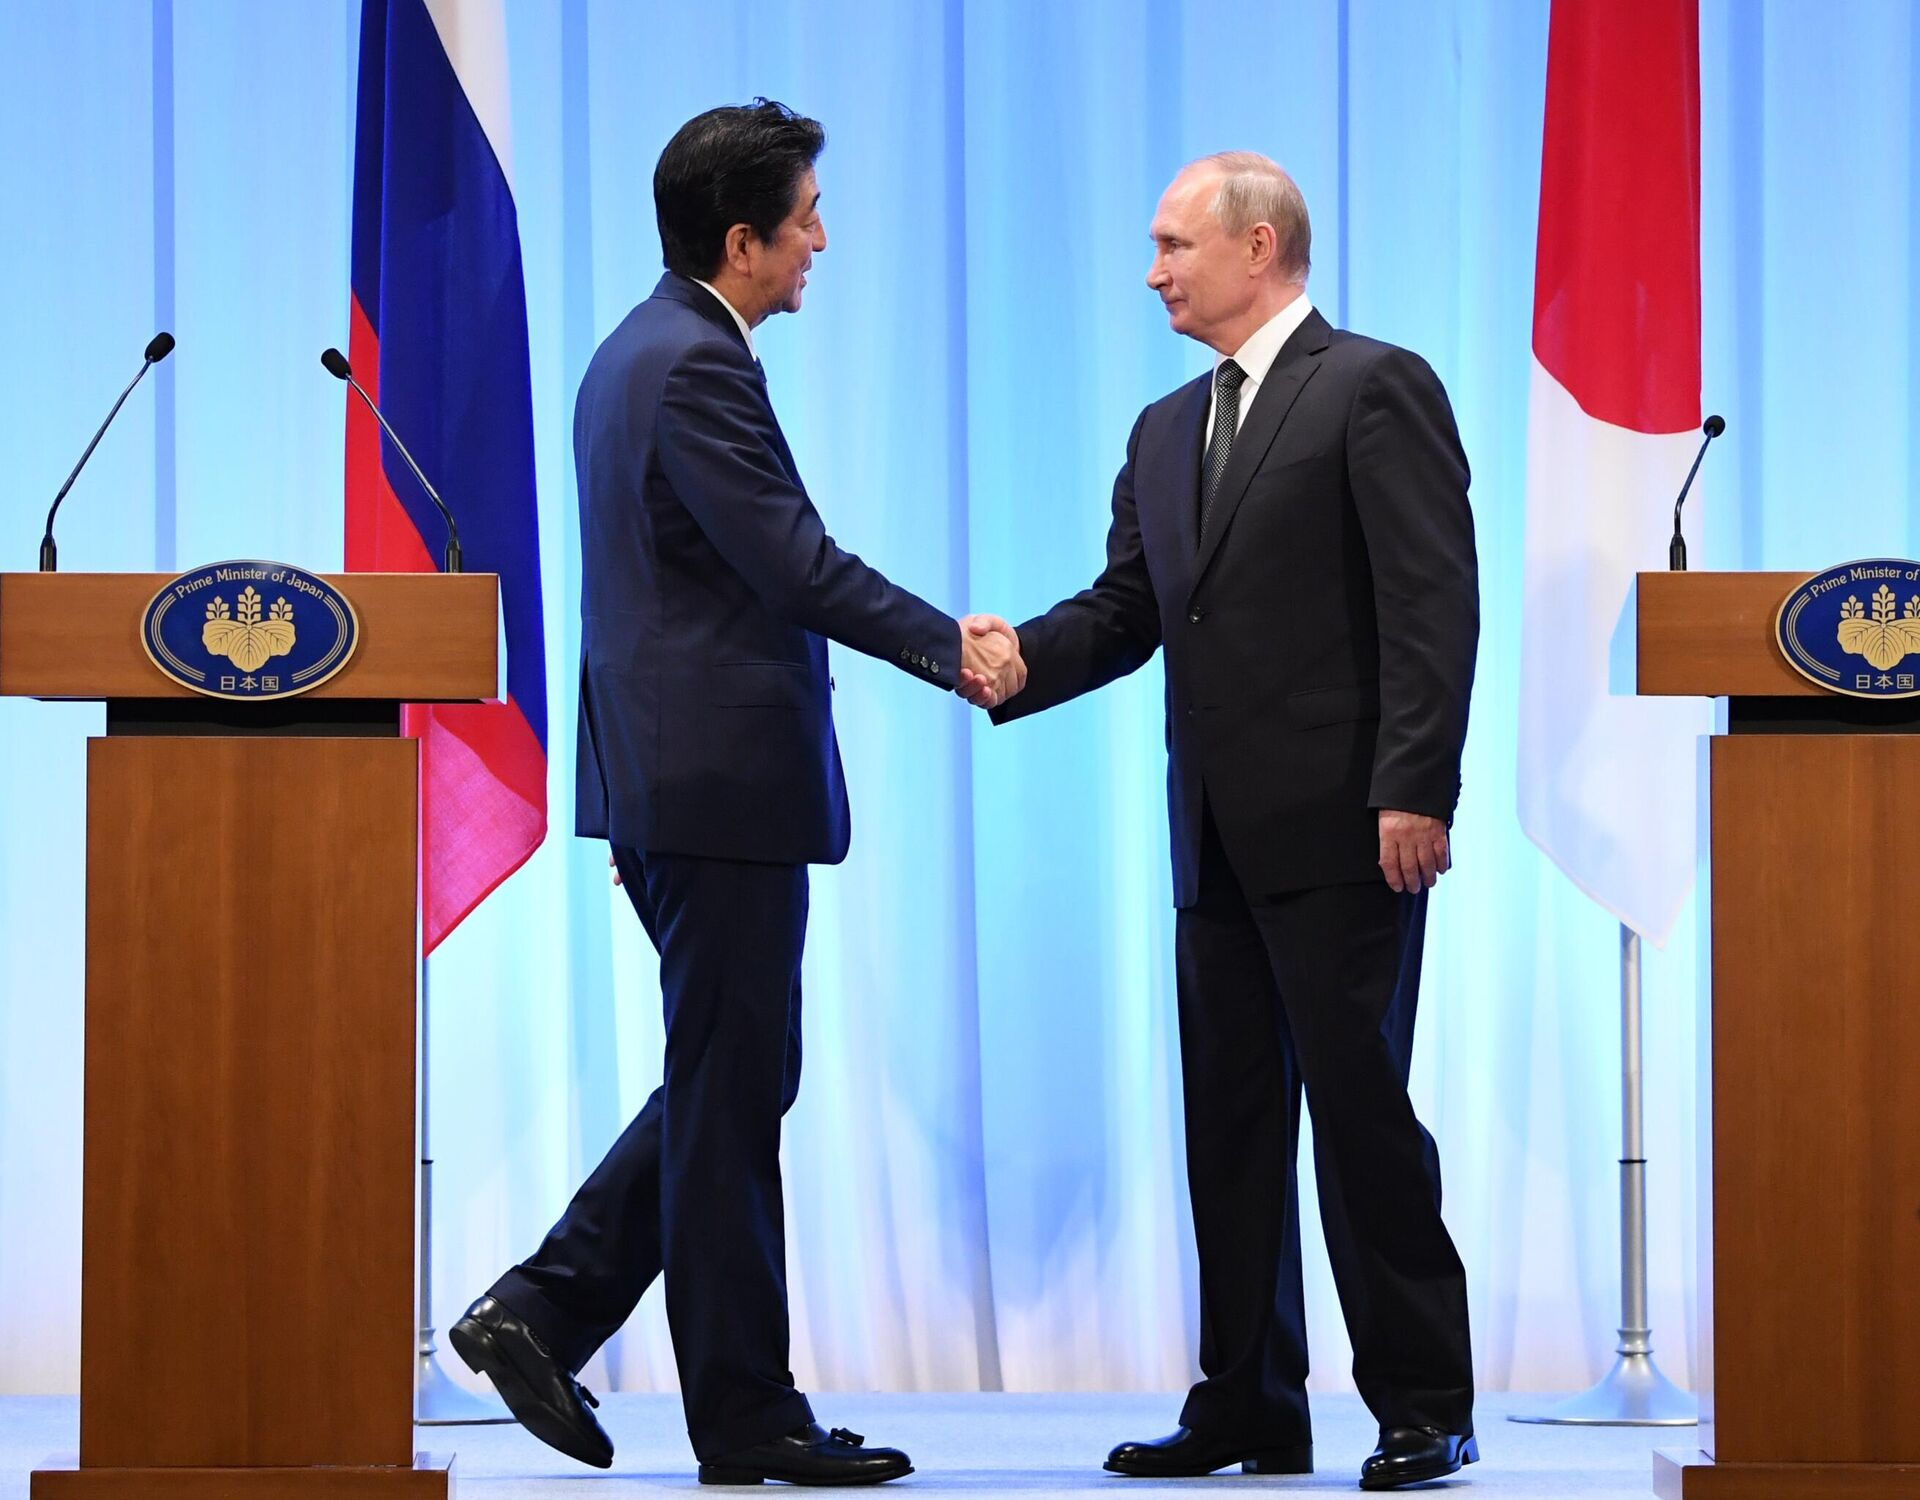 Президент РФ Владимир Путин и премьер-министр Японии Синдзо Абэ на совместной пресс-конференции по итогам встречи в Осаке. 29 июня 2019 - РИА Новости, 1920, 12.10.2021